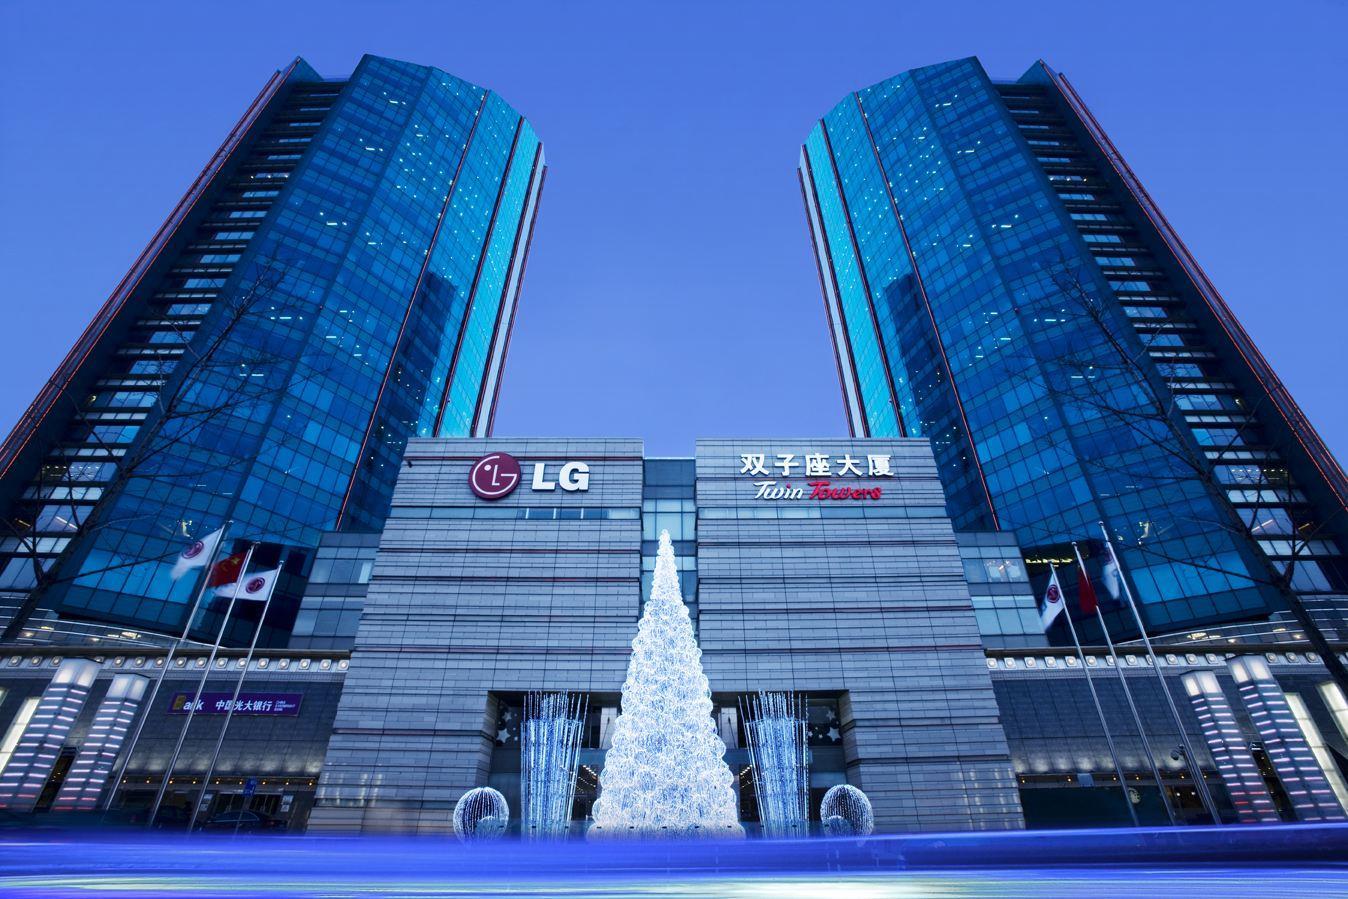 腹背受敌 LG80亿元出售中国总部双子座大厦